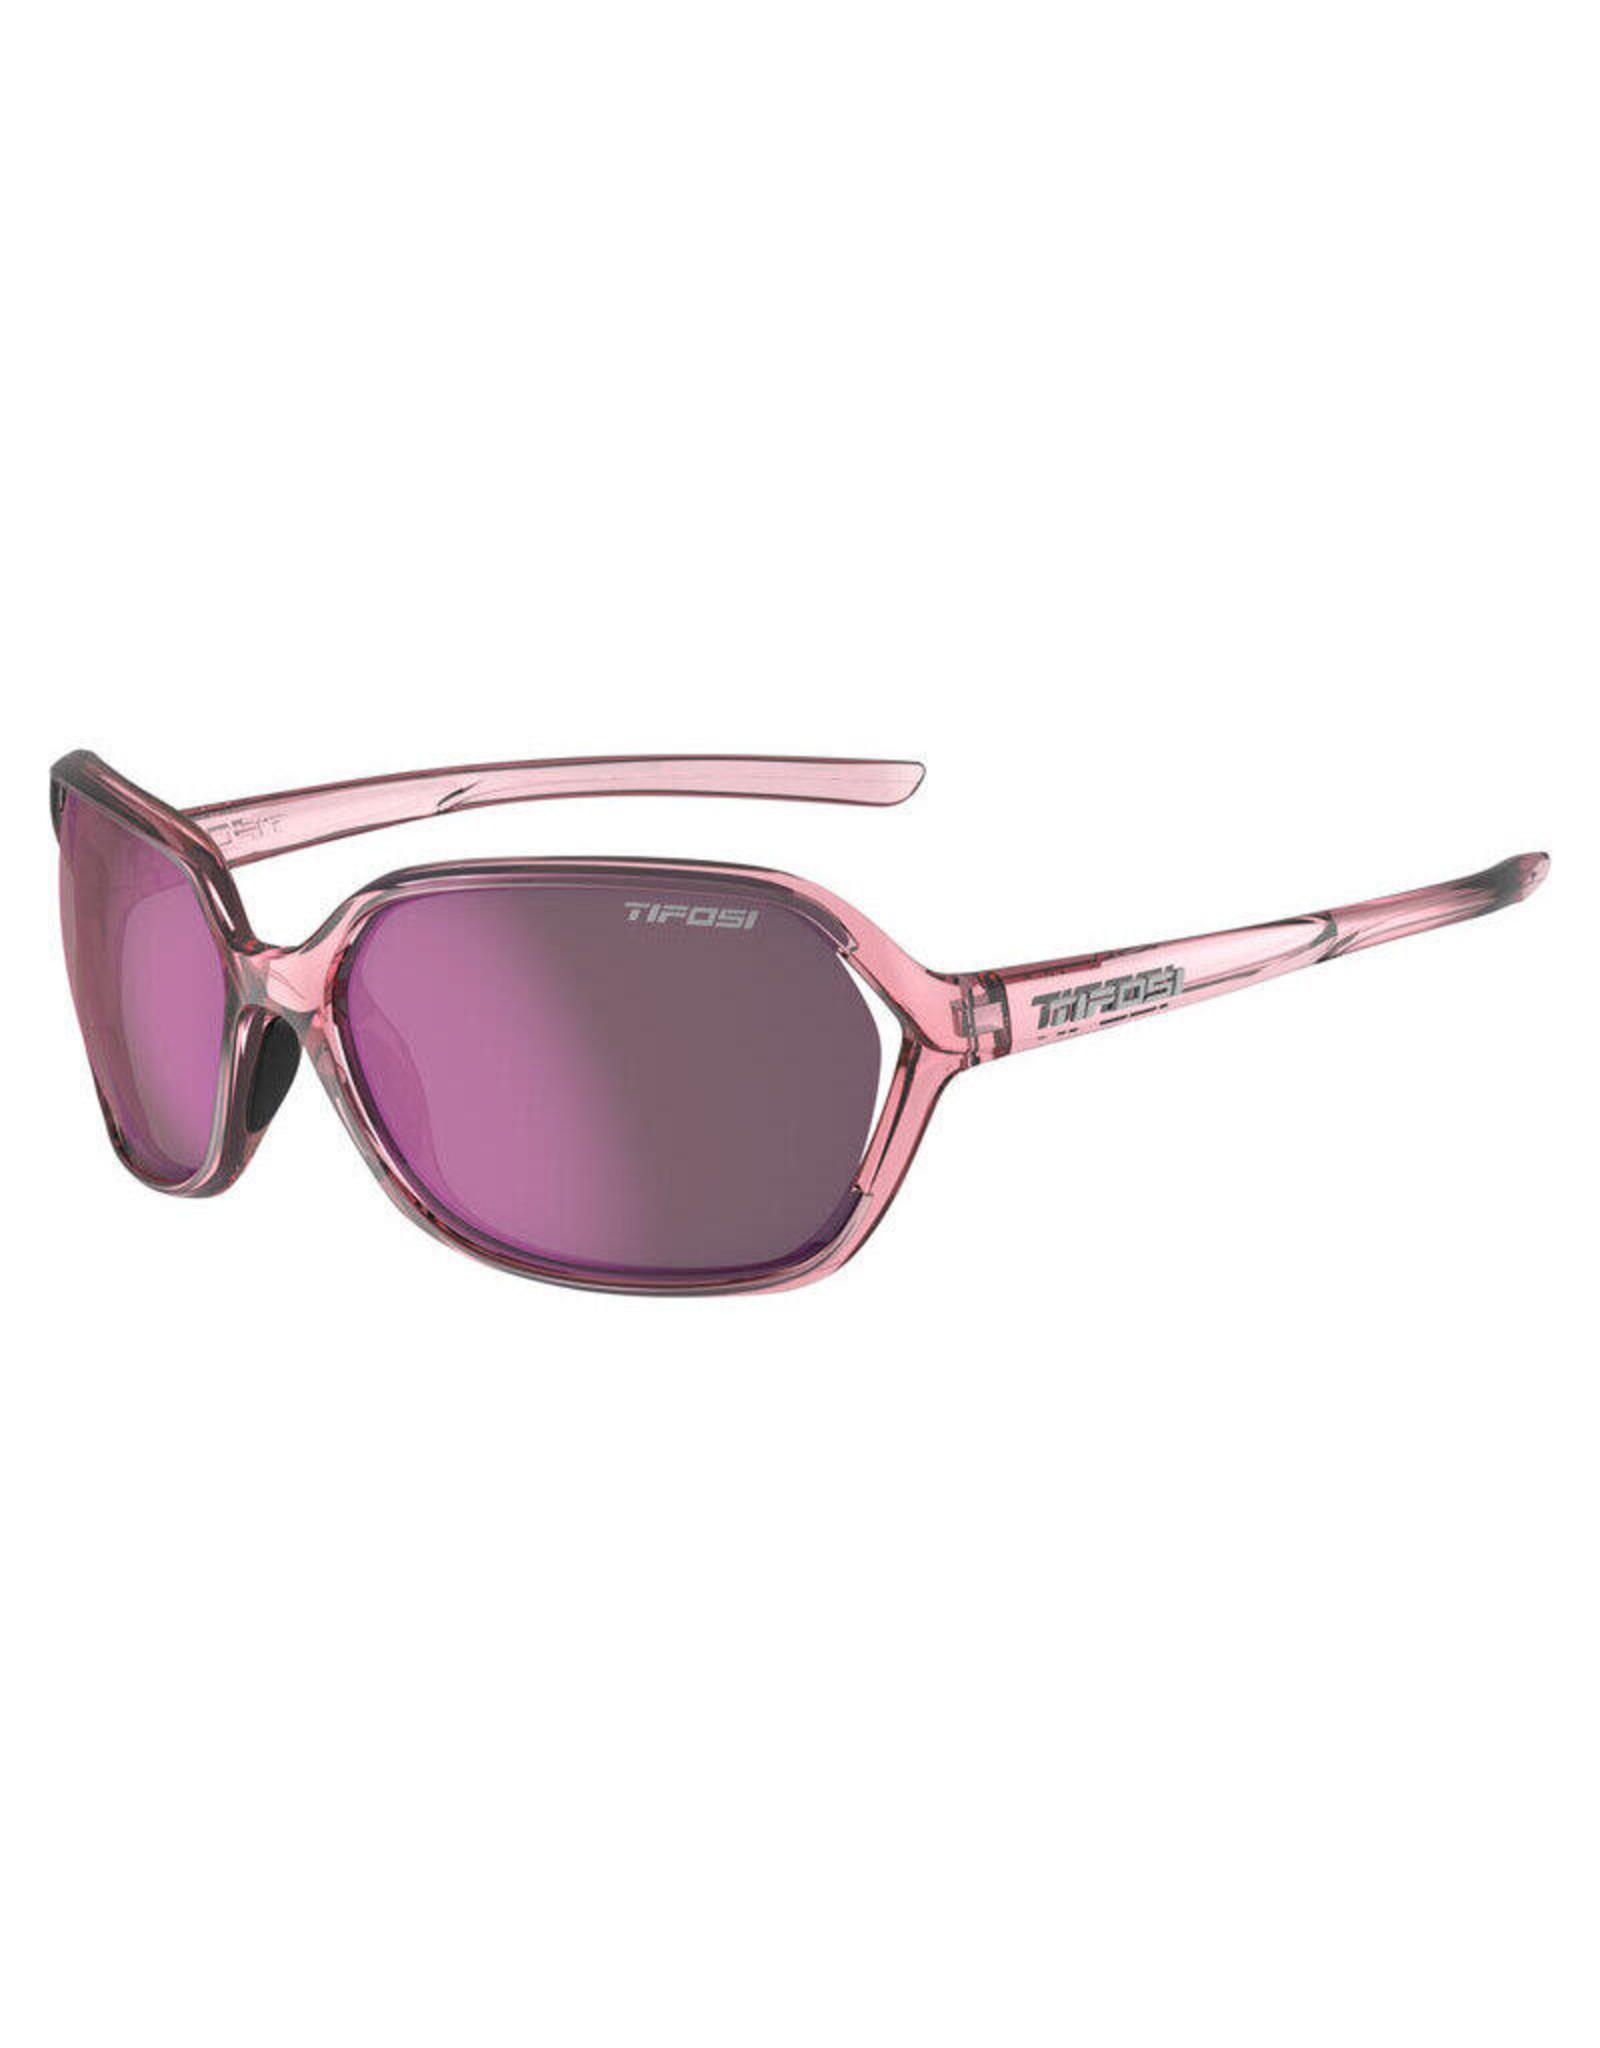 TIFOSI OPTICS Swoon Pink Petal